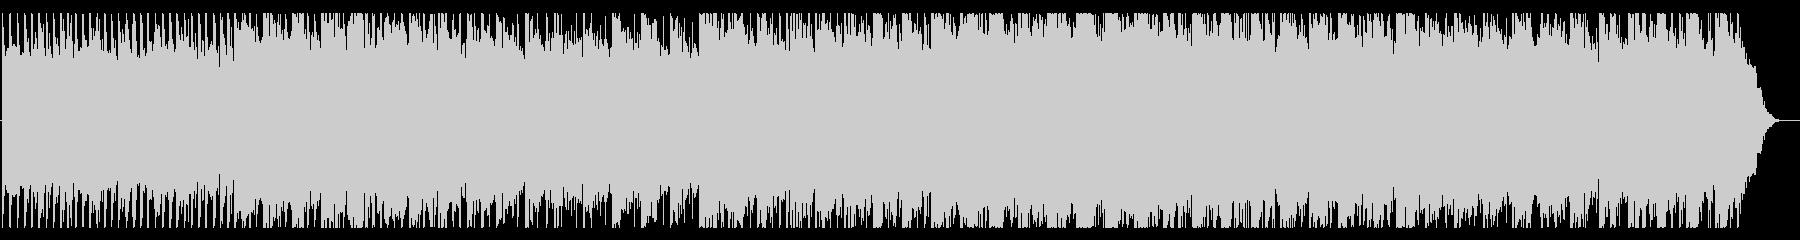 ピアノ主旋律アンビエント ポジティブの未再生の波形